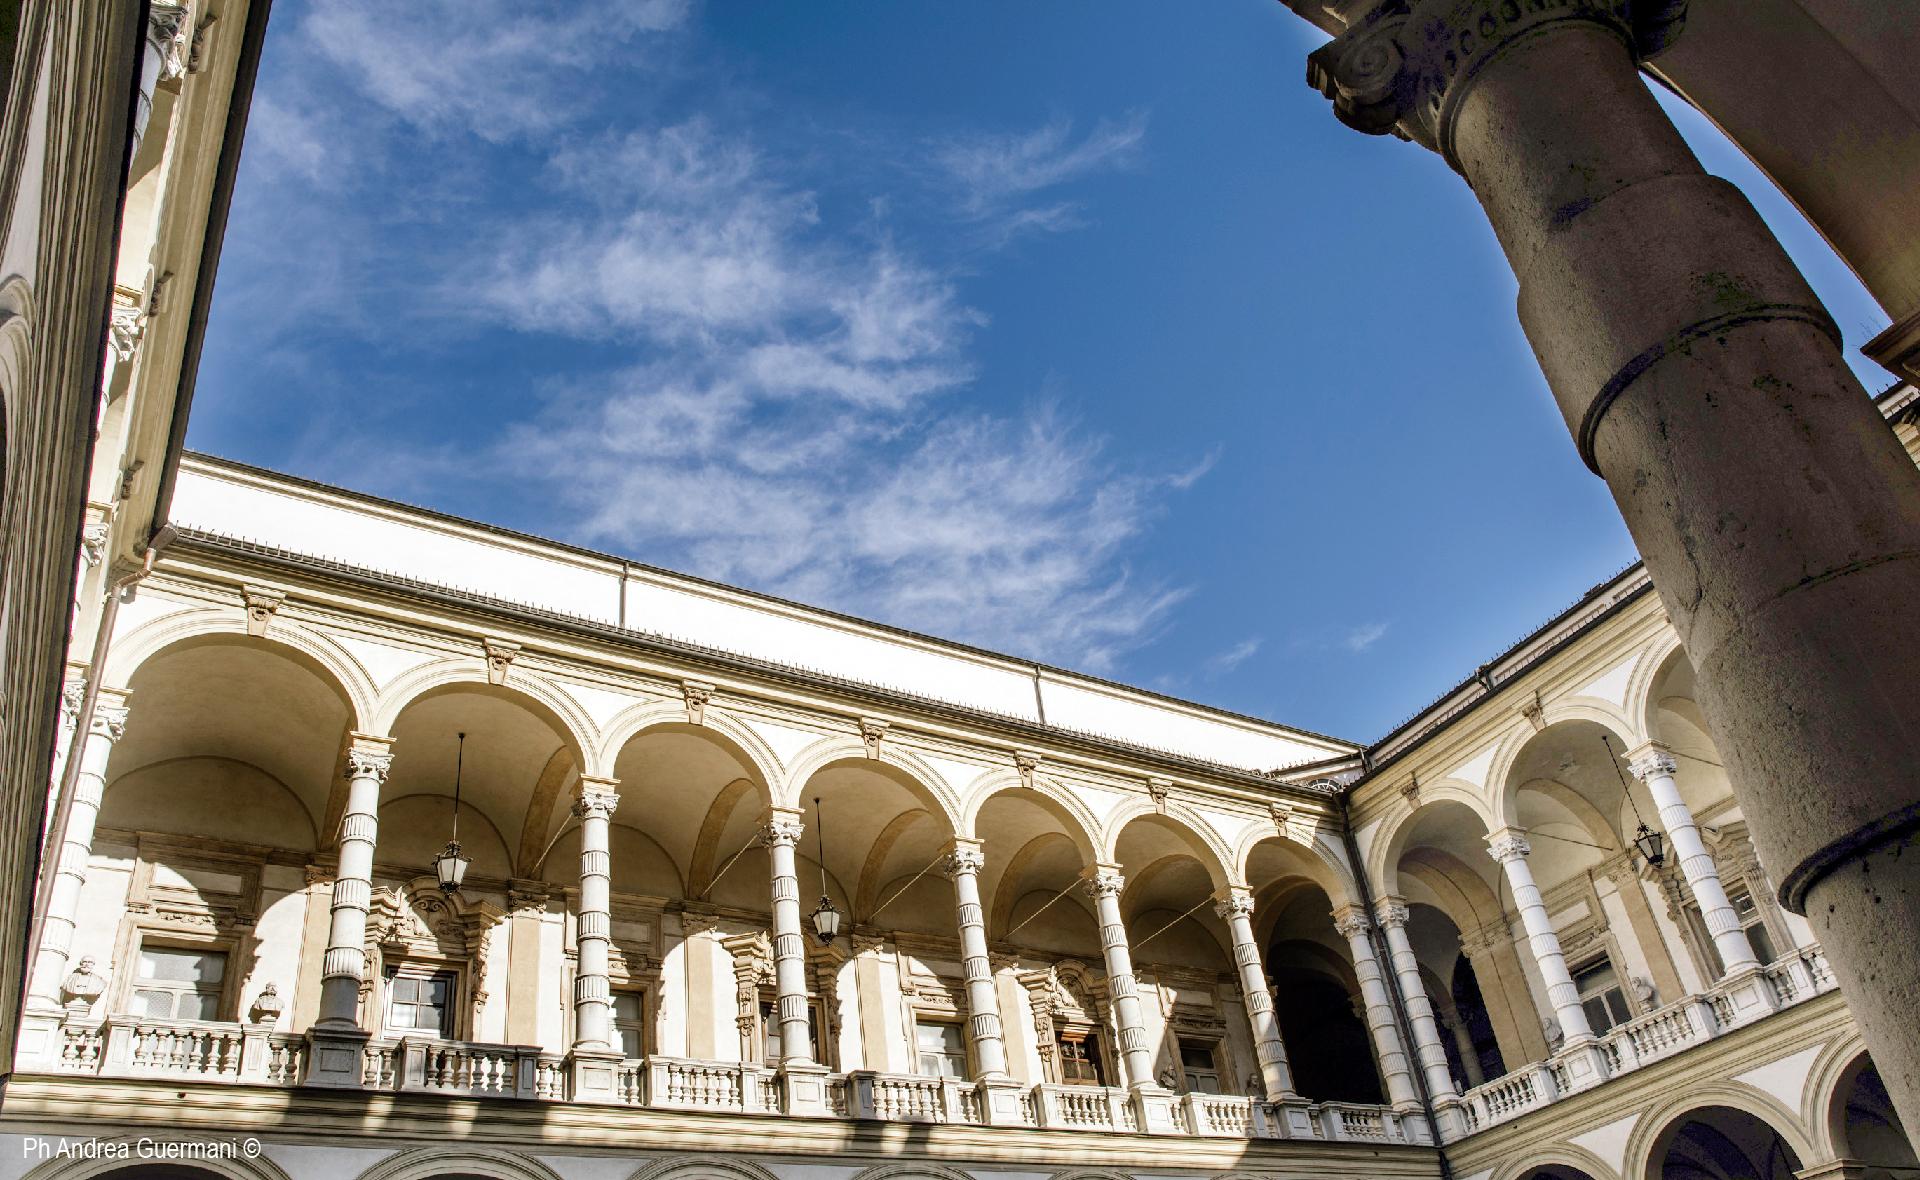 Università degli Studi di Torino, Centro Interdipartimentale di Ricerca per le Biotecnologie Molecolari - MBC